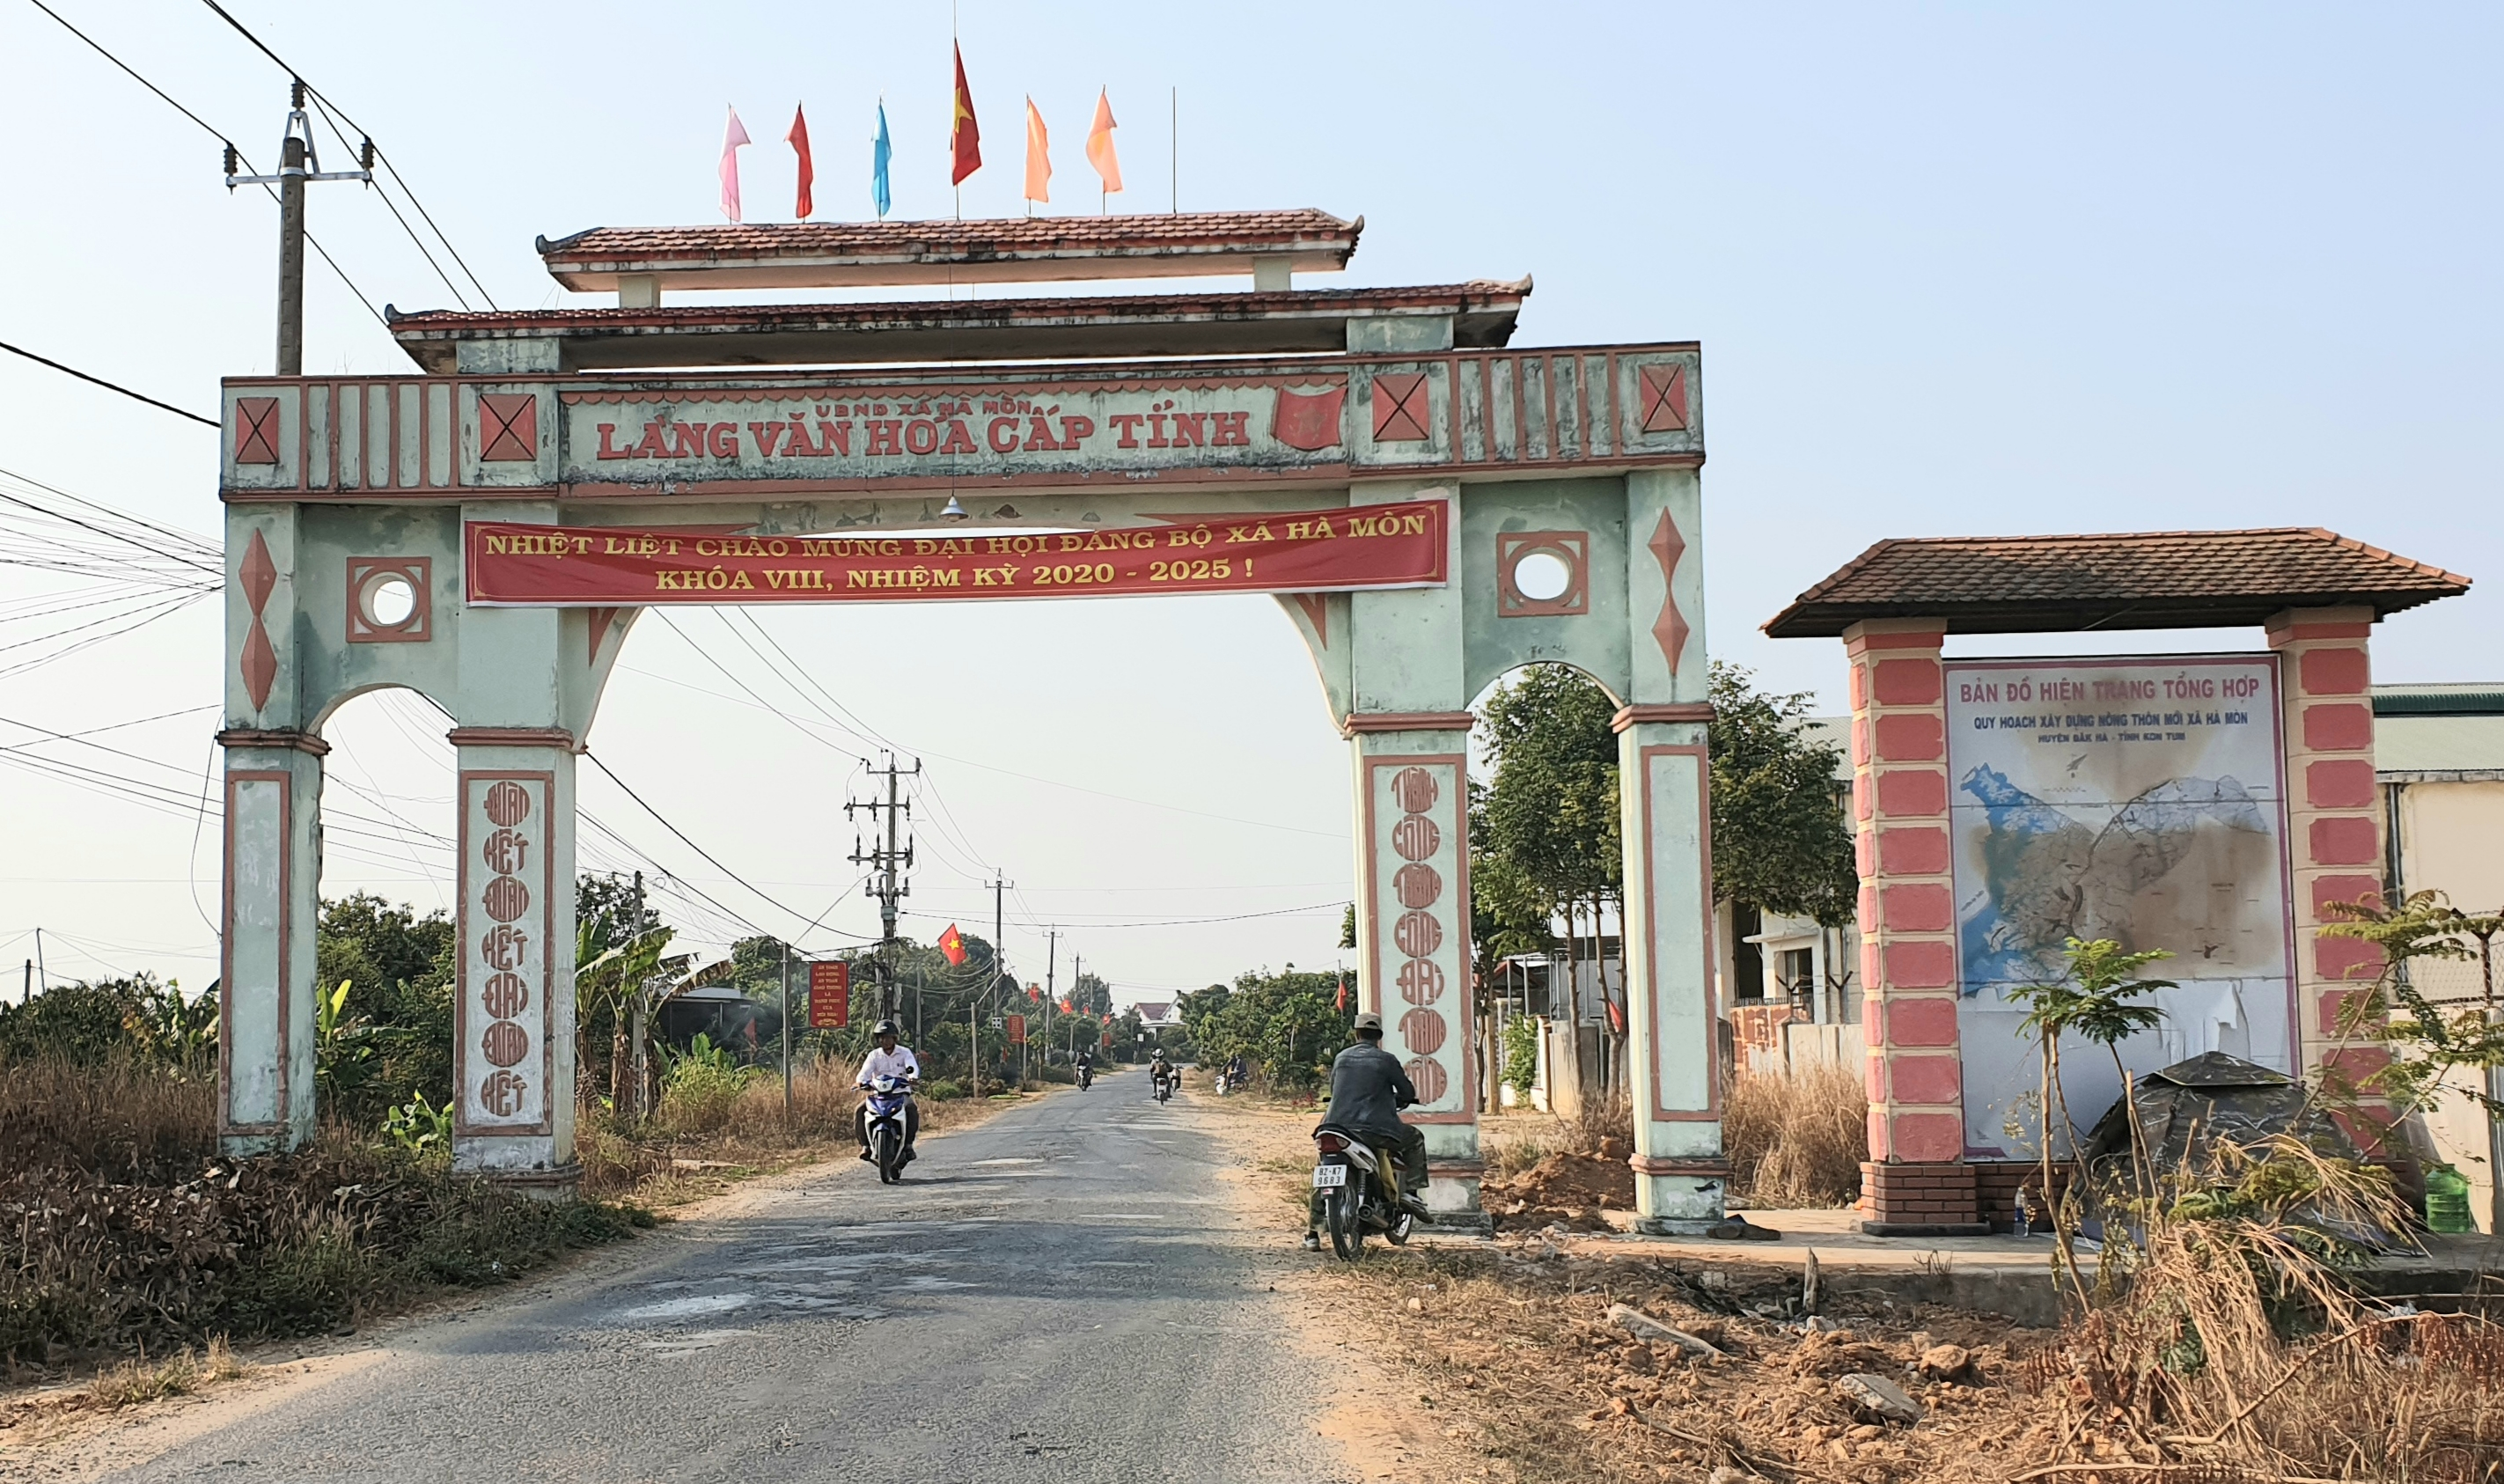 Xã Hà Mòn được công nhận đạt chuẩn nông thôn mới vào tháng 1/2013, trở thành xã đầu tiên của tỉnh Kon Tum đạt chuẩn NTM